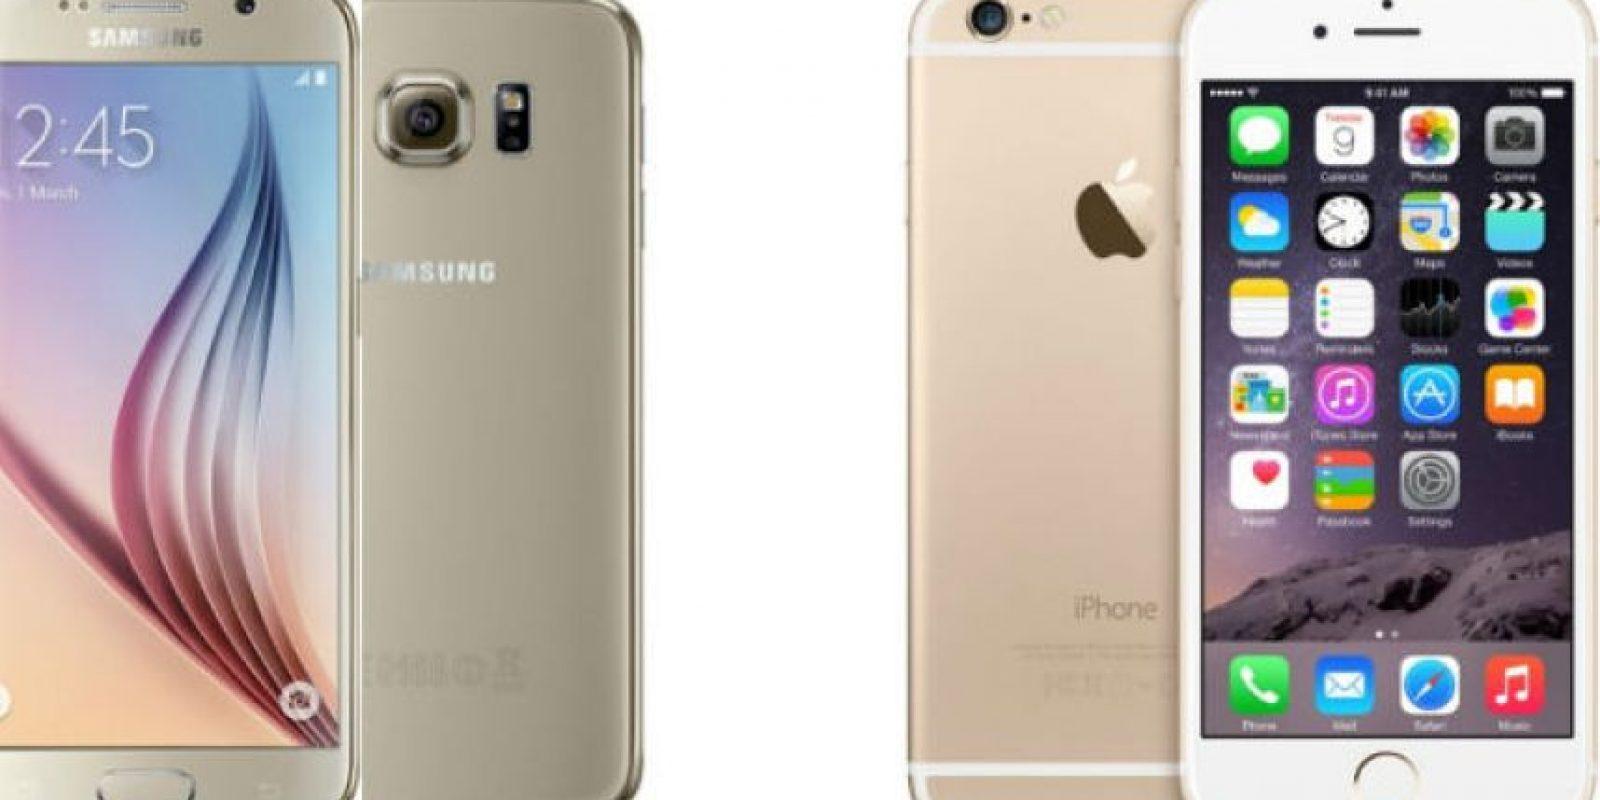 Comparamos al Samsung Galaxy S6 frente al iPhone 6. Foto:Samsung / Apple